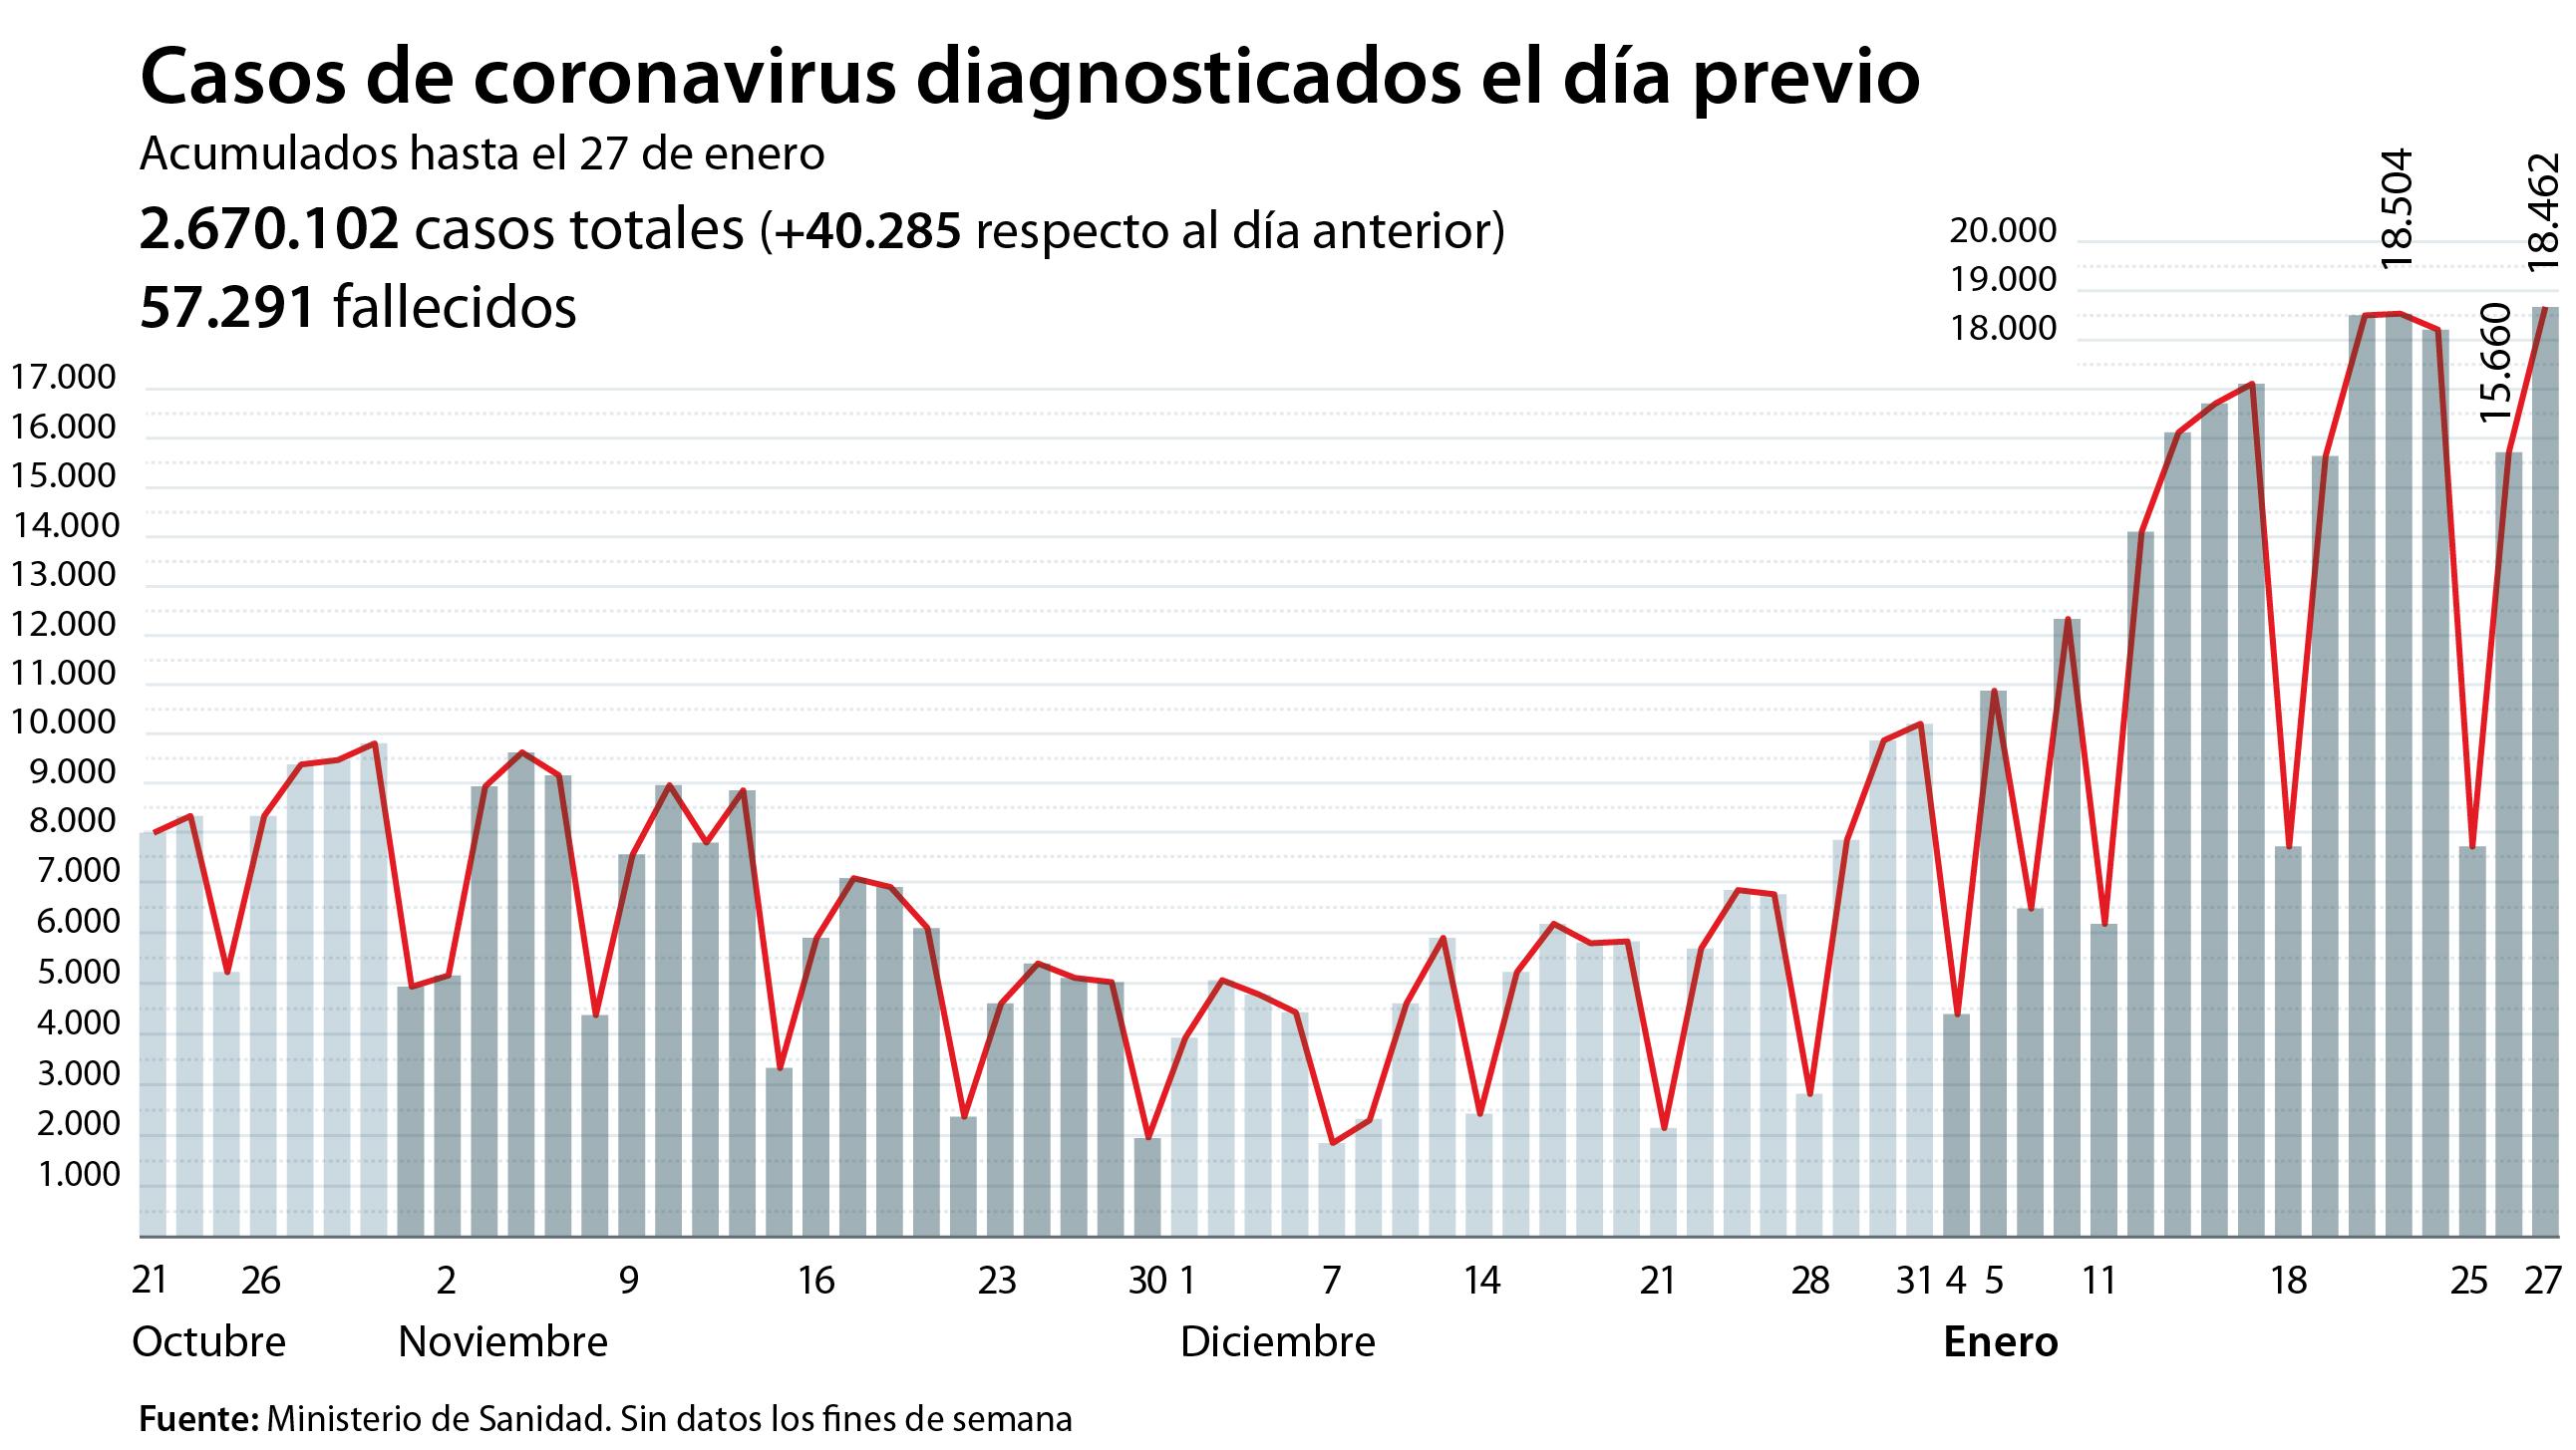 La incidencia acumulada alcanza ya los 900 puntos en España